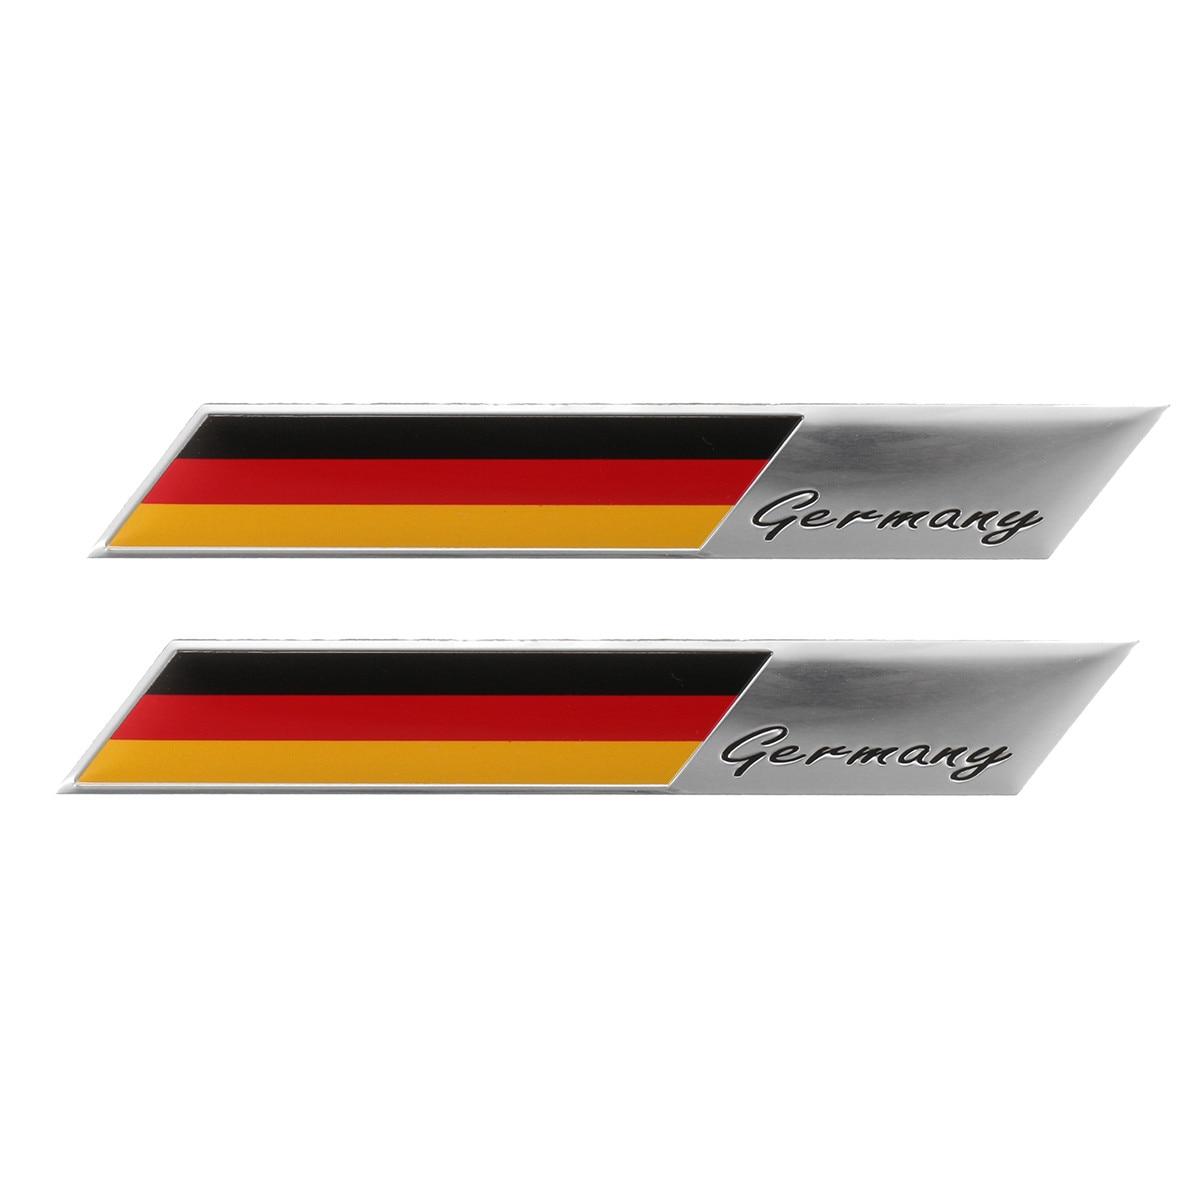 2 шт./лот, 3D герб с немецким флагом, эмблема, наклейка на автомобиль, наклейка на бампер, окно, корпус, украшение для Audi, BMW, VW